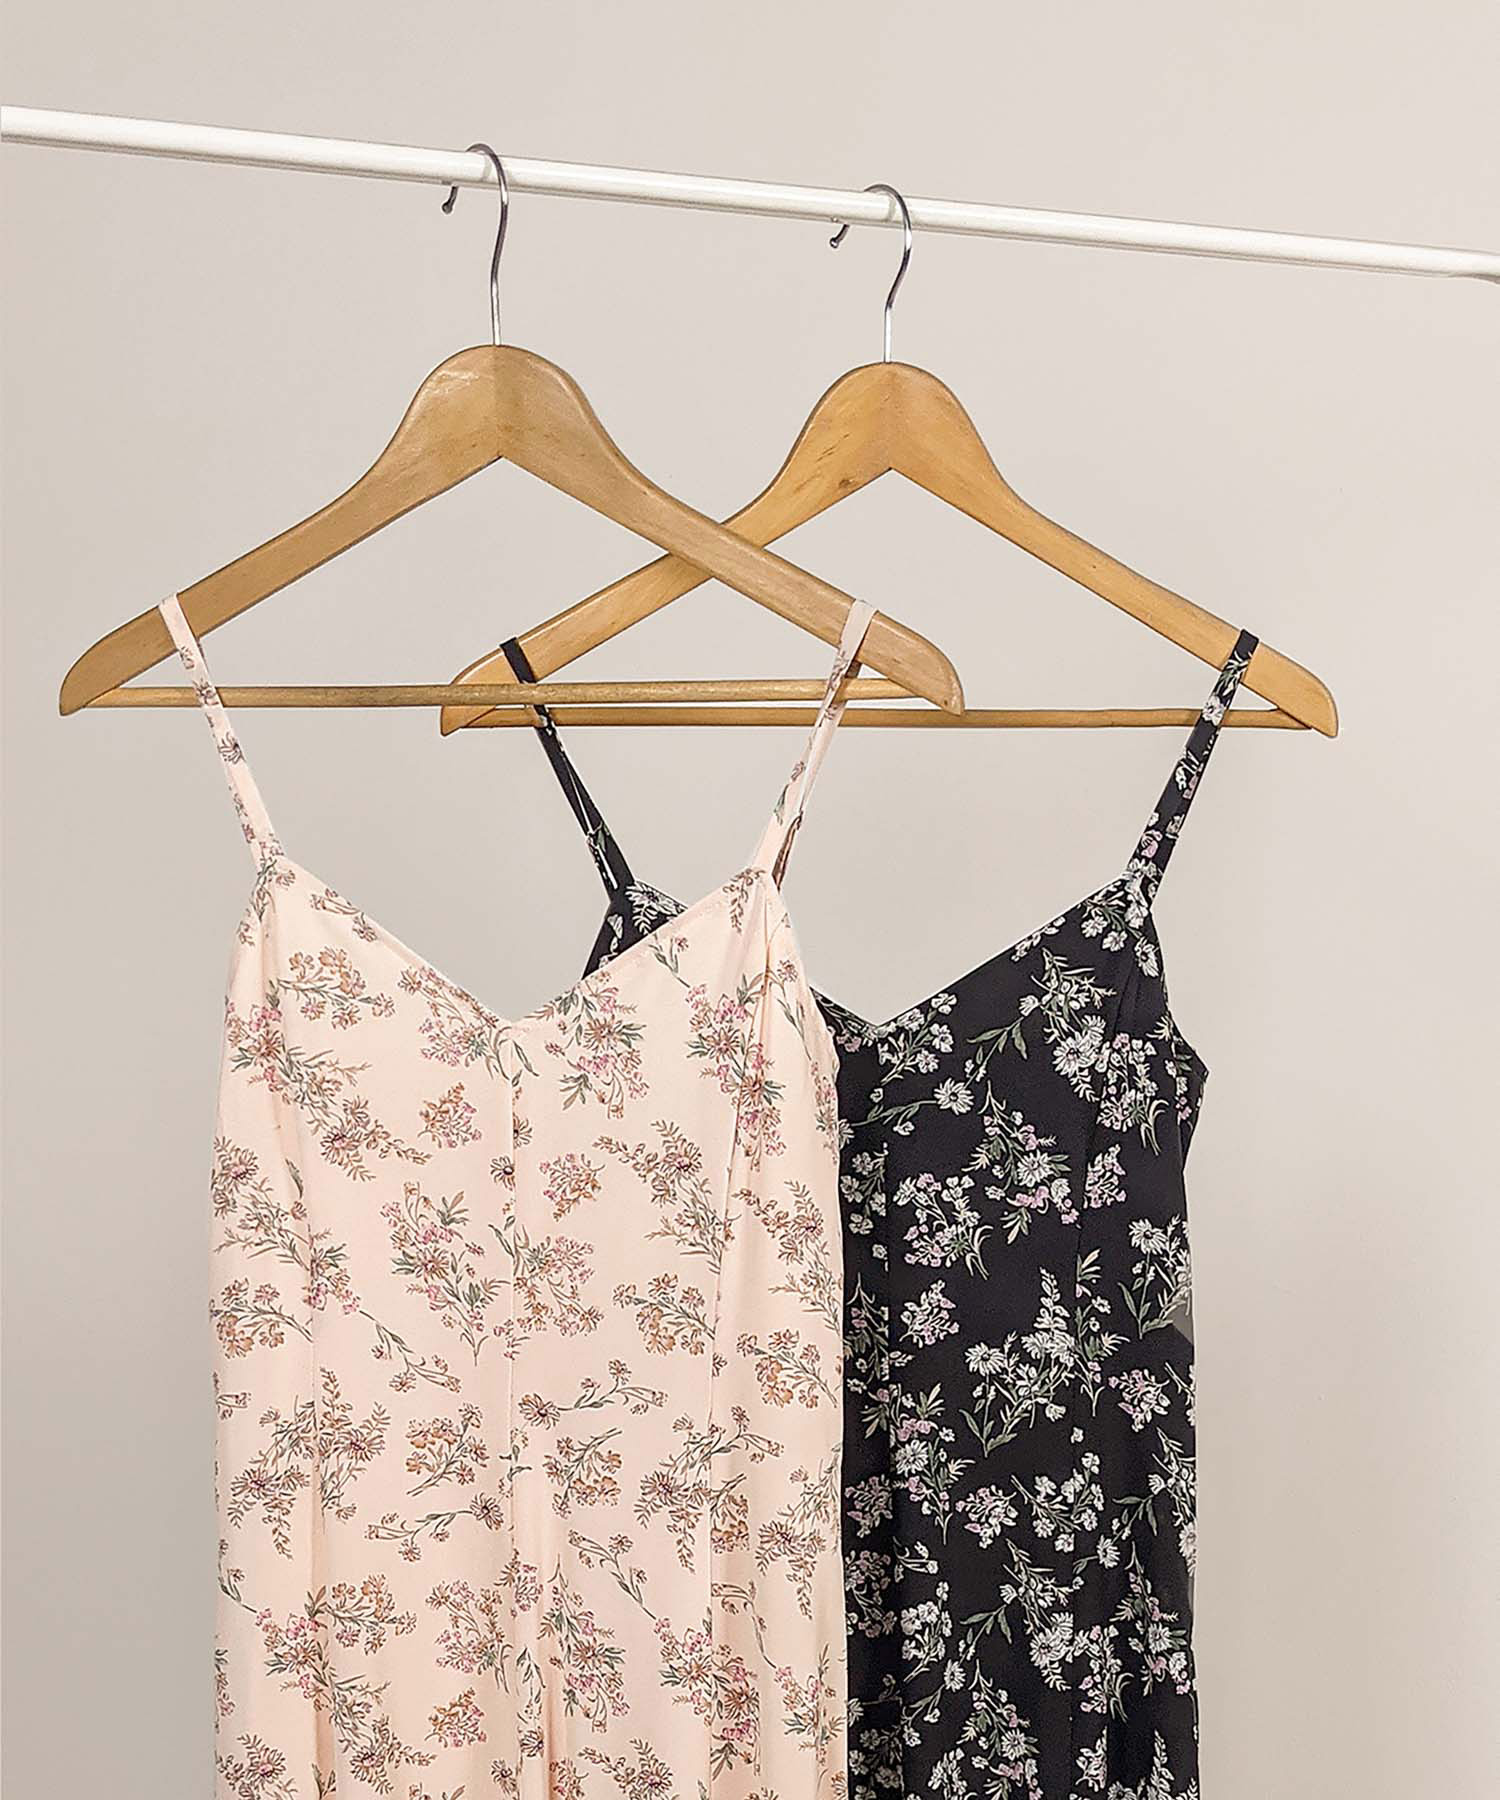 elliot-floral-maxi-dress-bundle-of-2a